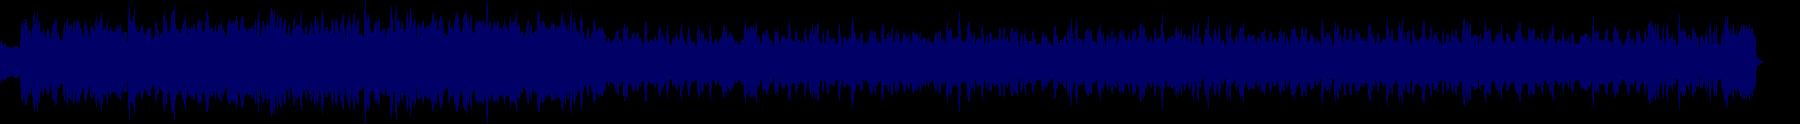 waveform of track #76624